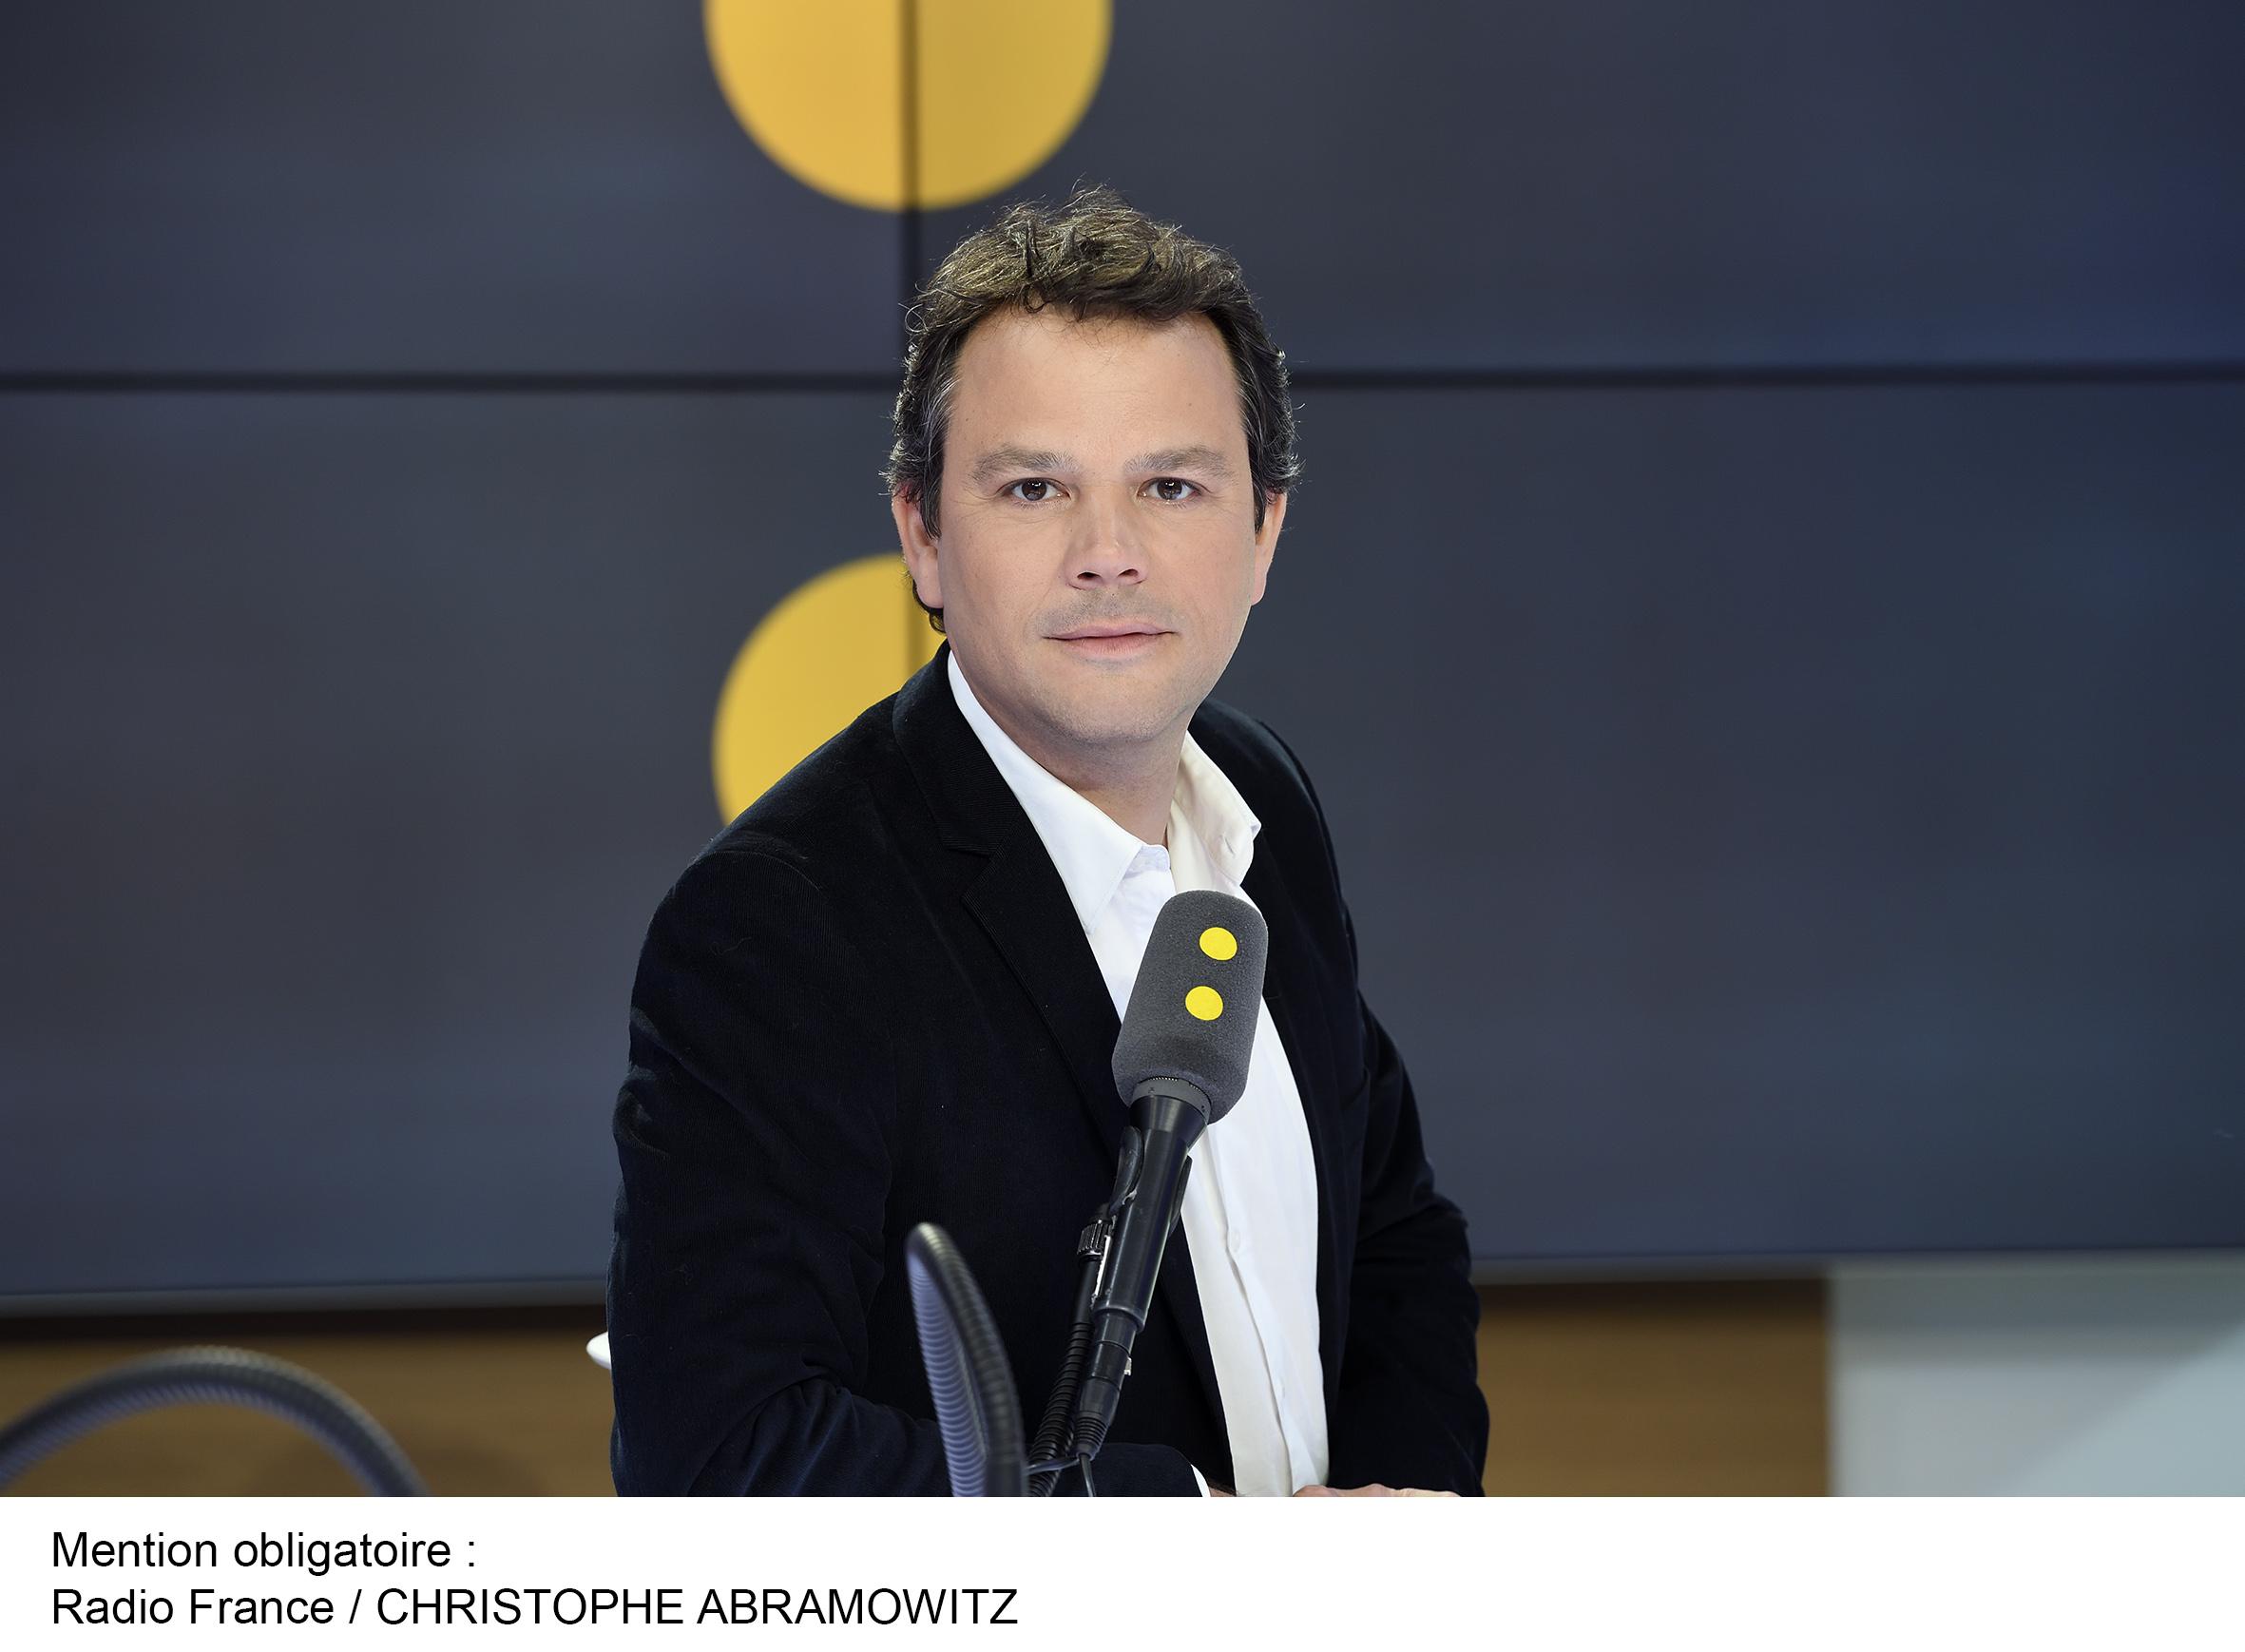 Marc Fauvelle est diplômé du CUEJ à Strasbourg depuis 1998. Il a commencé sa carrière à France Bleu Alsace avant de rejoindre Radio France Multimédia, puis France Info et France Inter. / Photo CA Radio France